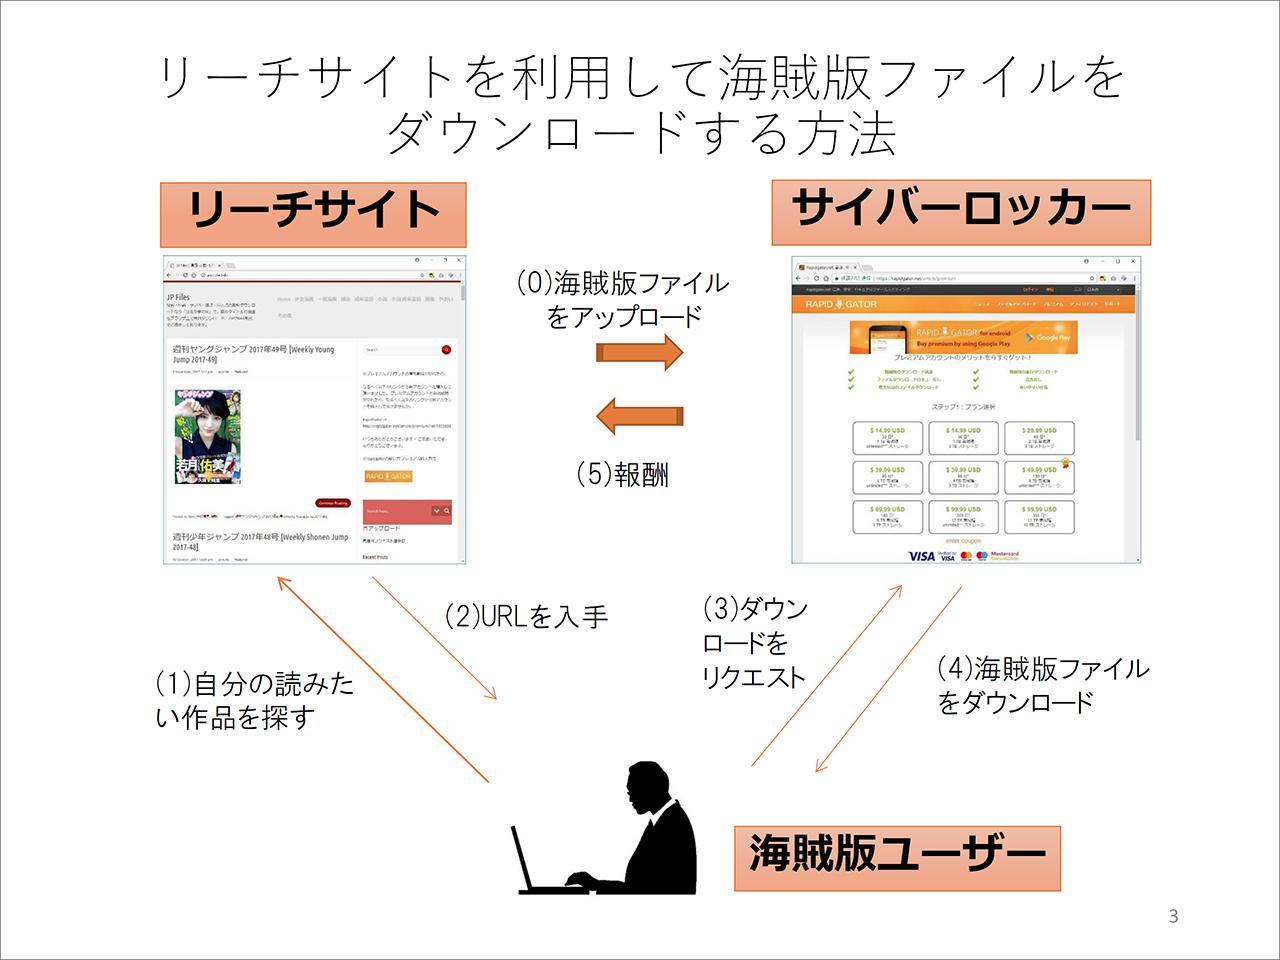 出版広報センター「『リーチサイト』を中心とするダウンロード型海賊版サイトの現状と被害 」資料より